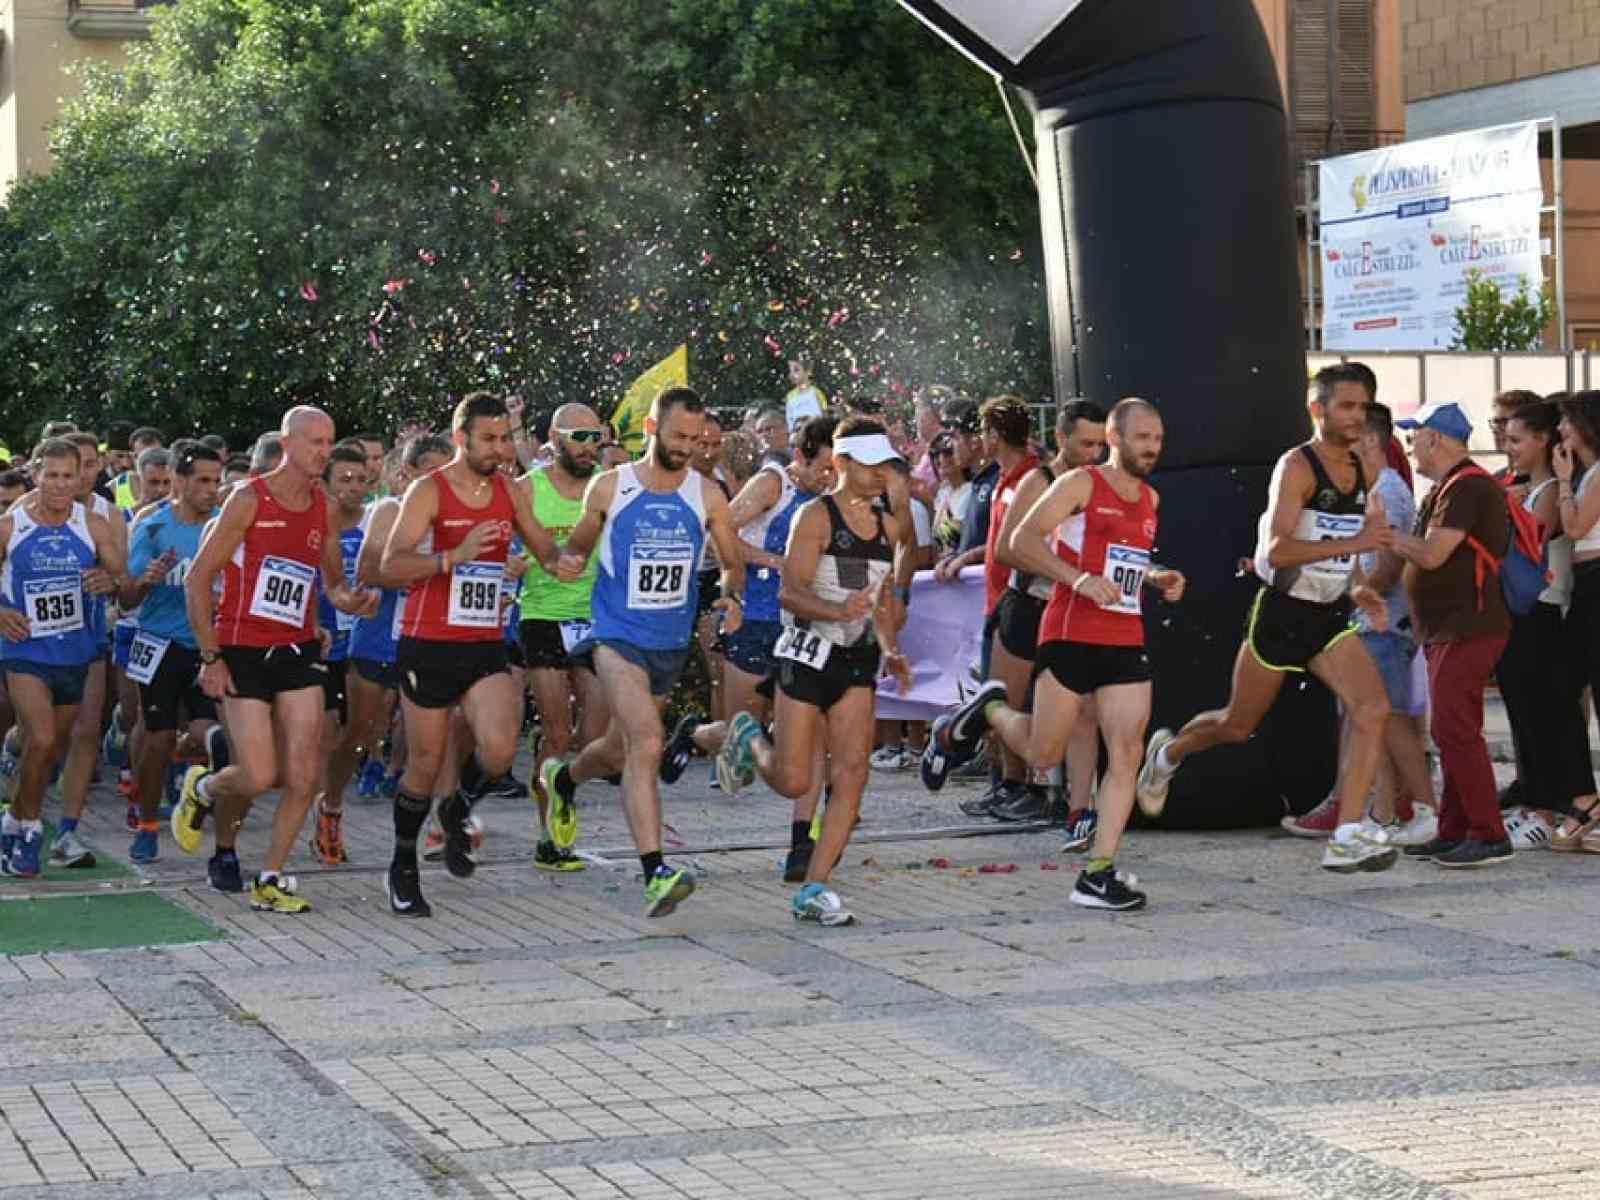 """Immagine articolo: Menfi, corsa. 271 partecipanti per la 19a edizione de """"Le Strade del Vino"""". I vincitori"""